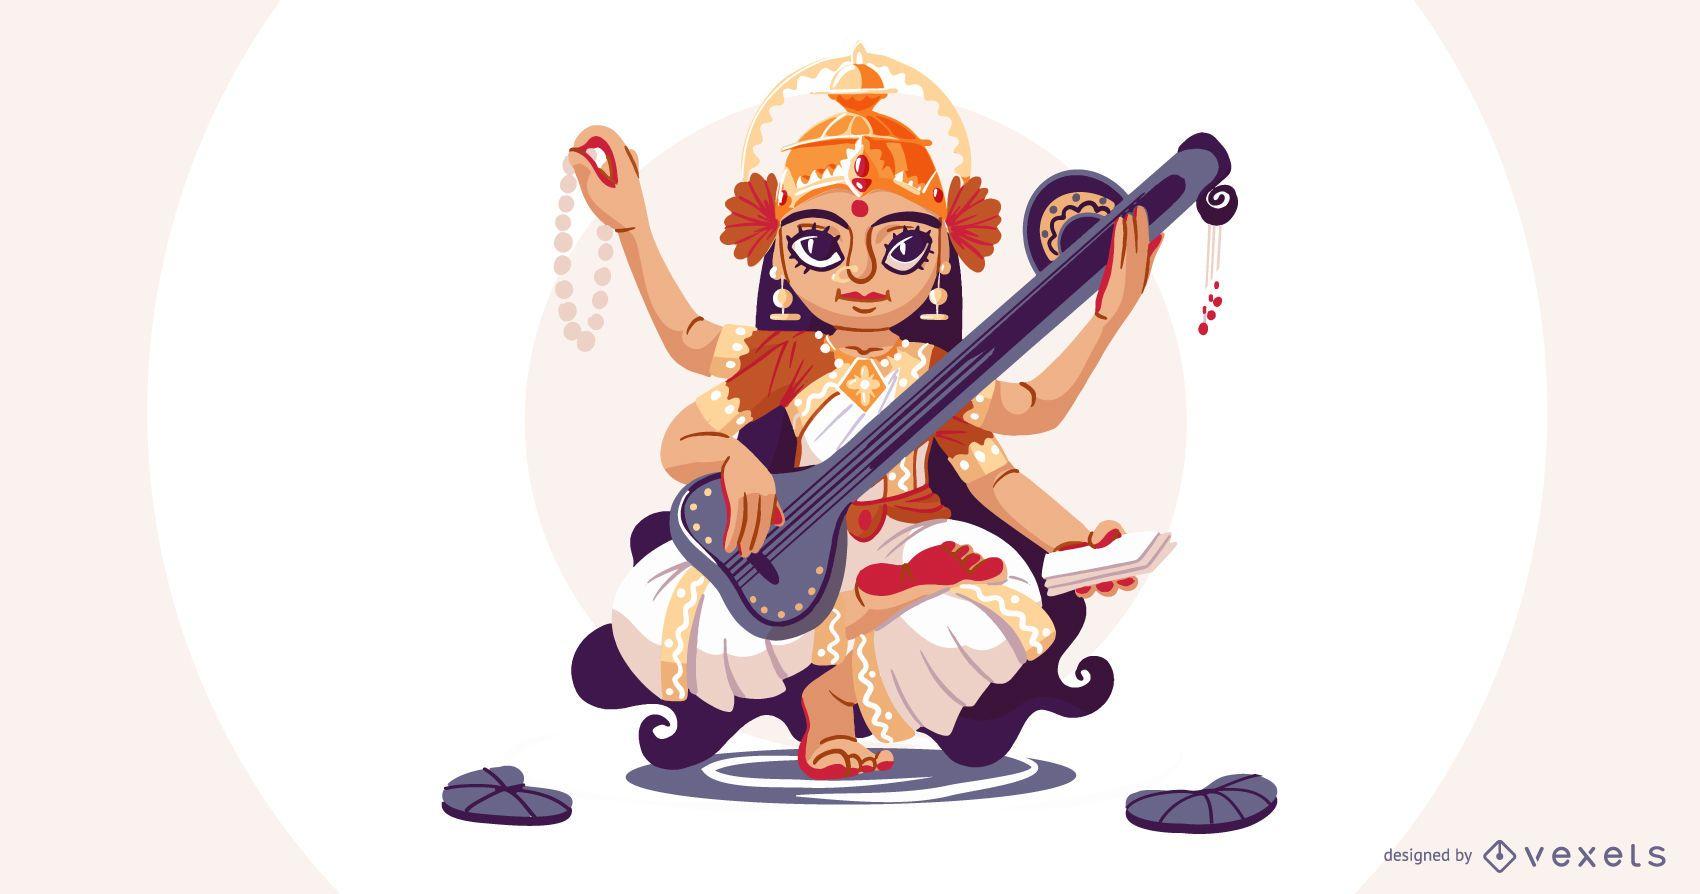 Hindu goddess Saraswati illustration